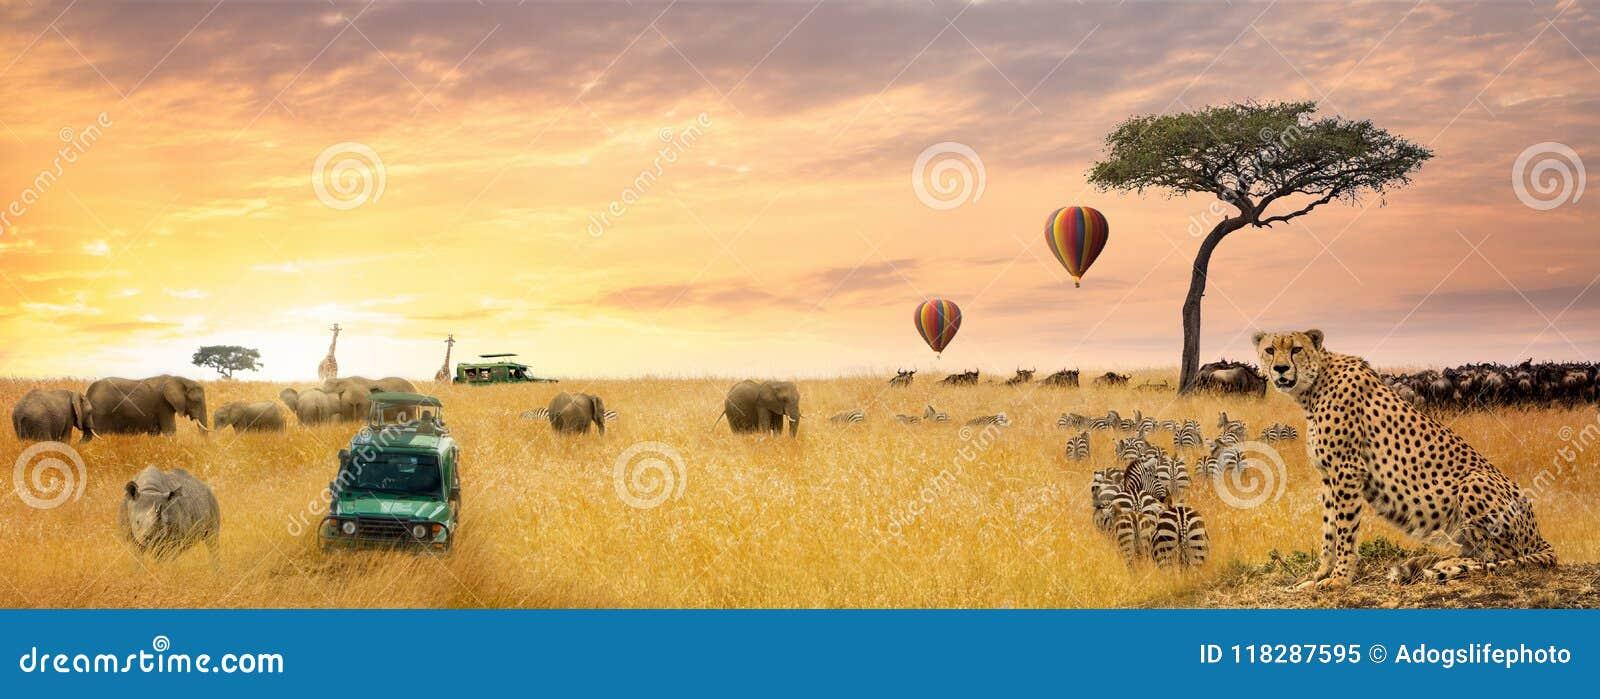 Africano Safari Scene Web Banner